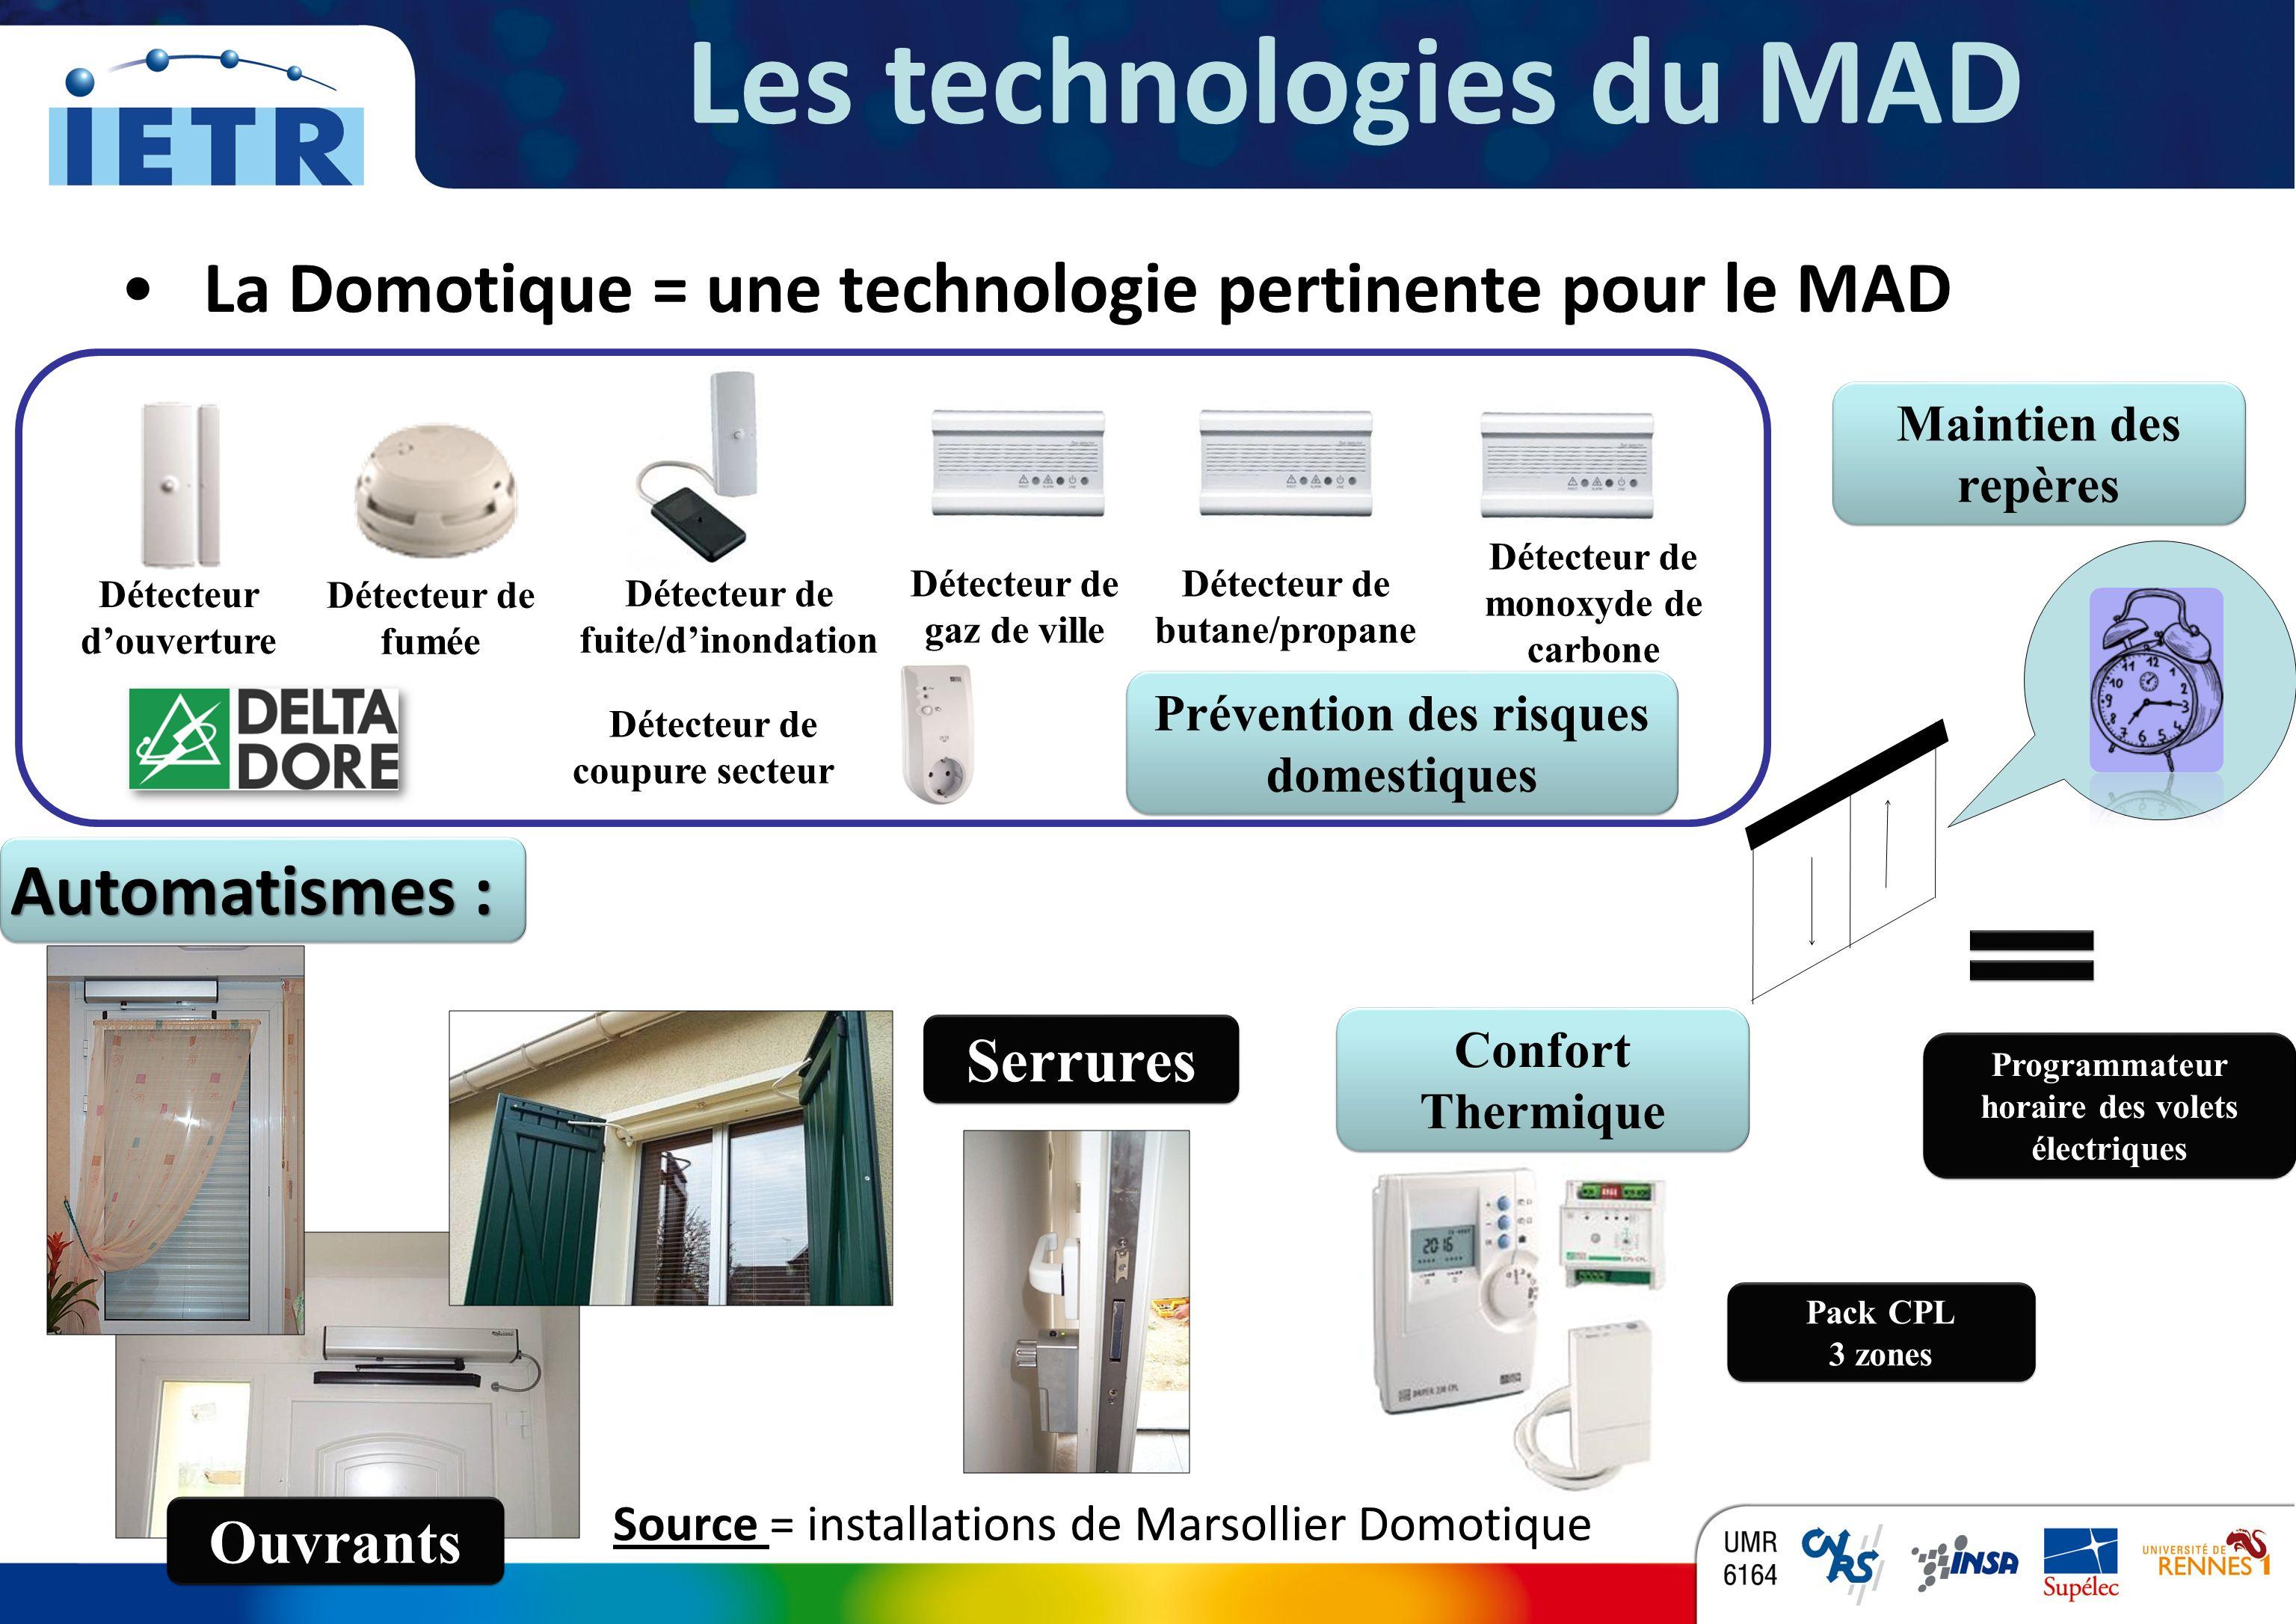 Les technologies du MAD